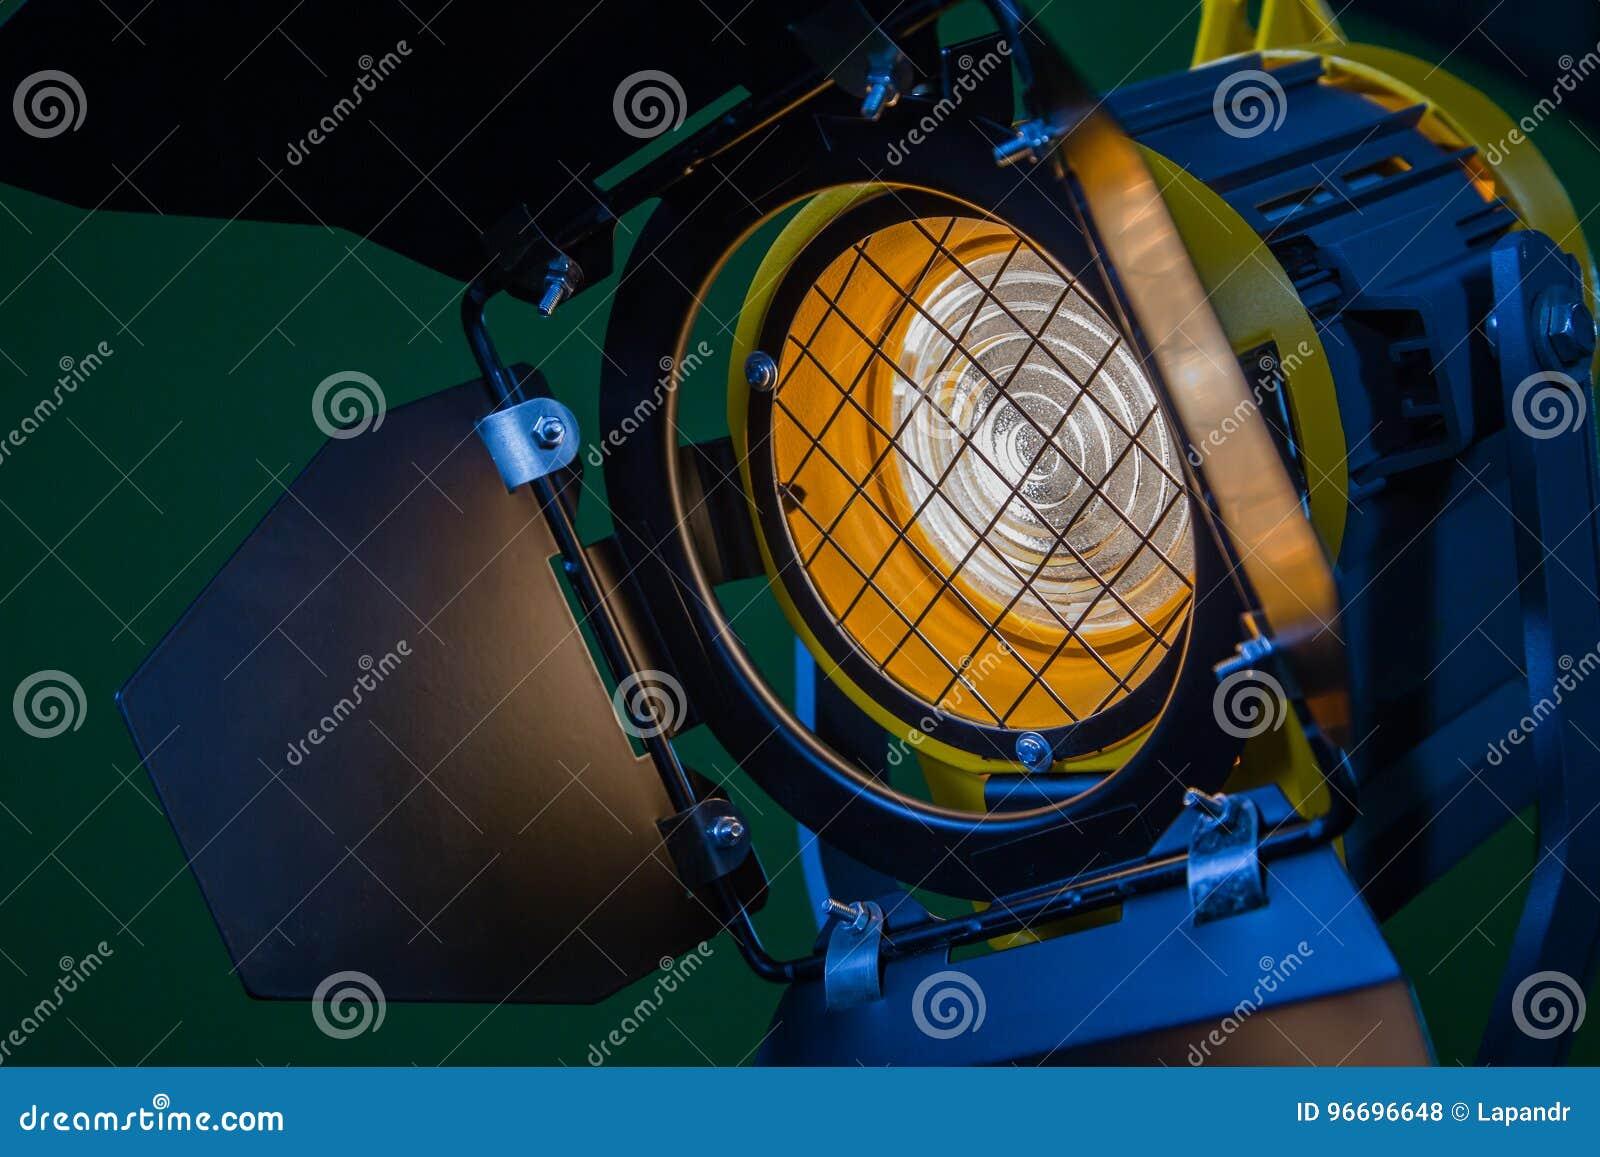 En strålkastare med en Fresnel lins och en halogenlampa Utrustning för att fotografera och att filma i inre Närbild